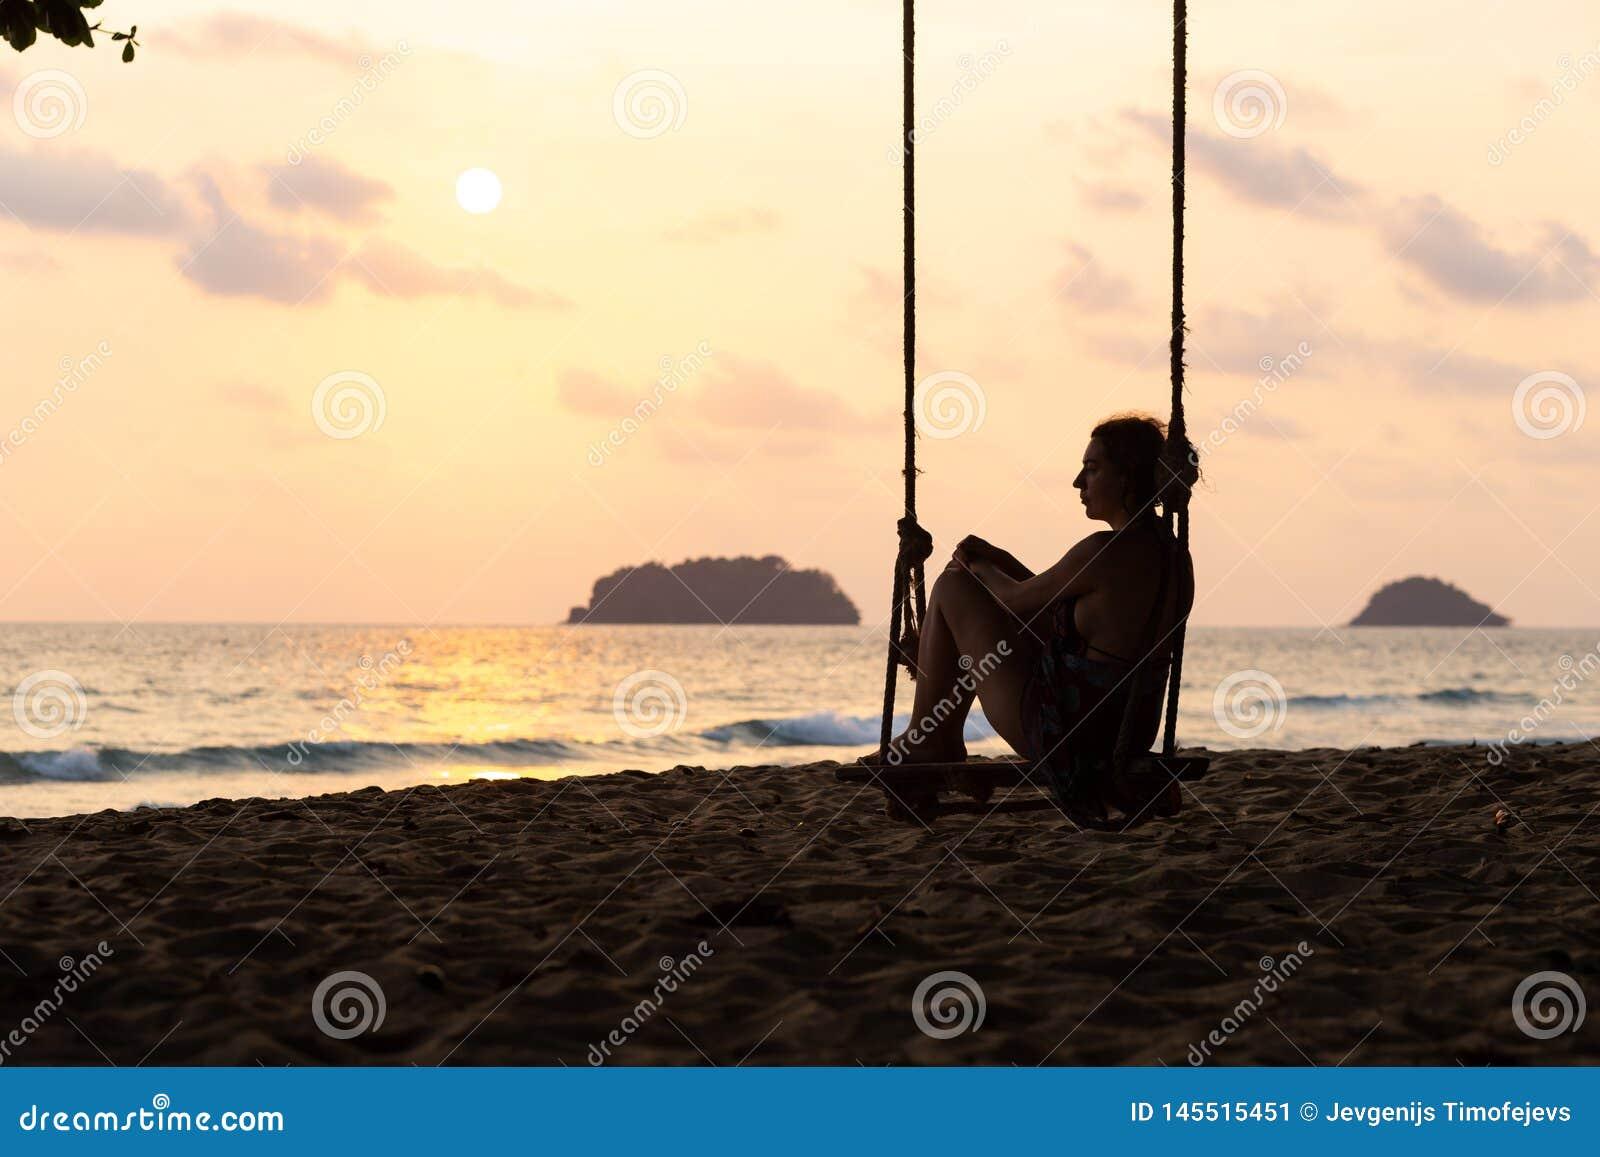 Foto del blog di viaggio: Siluetta di una donna in un vestito durante il tramonto con una vista sopra il mare con un piccolo isan